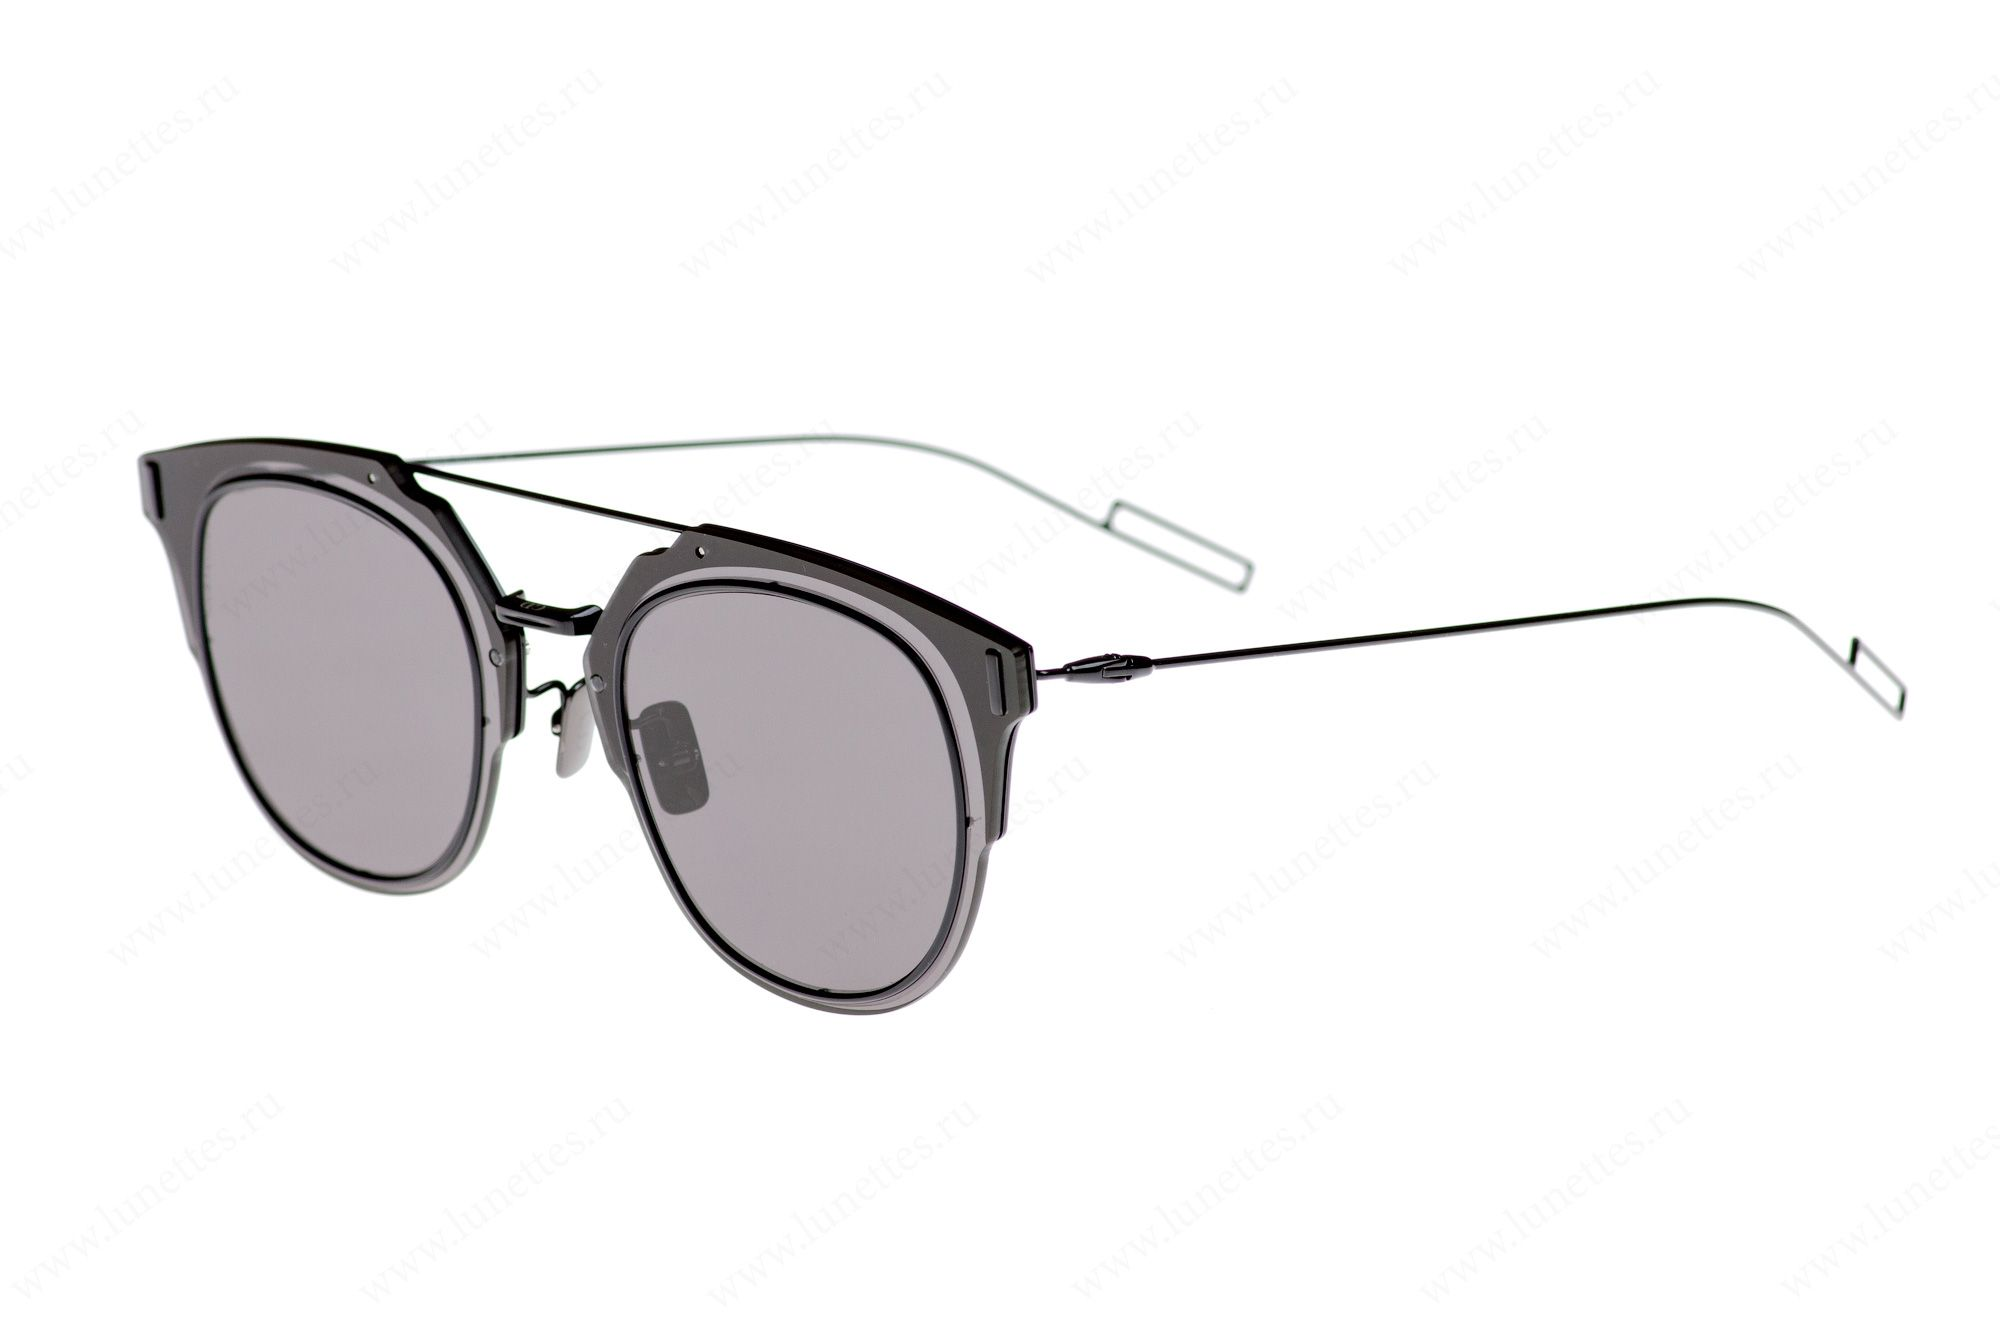 796626ab6fbf2d Купить солнцезащитные очки Christian Dior Homme DIORCOMPOSIT1.0 006 в  интернет-магазине